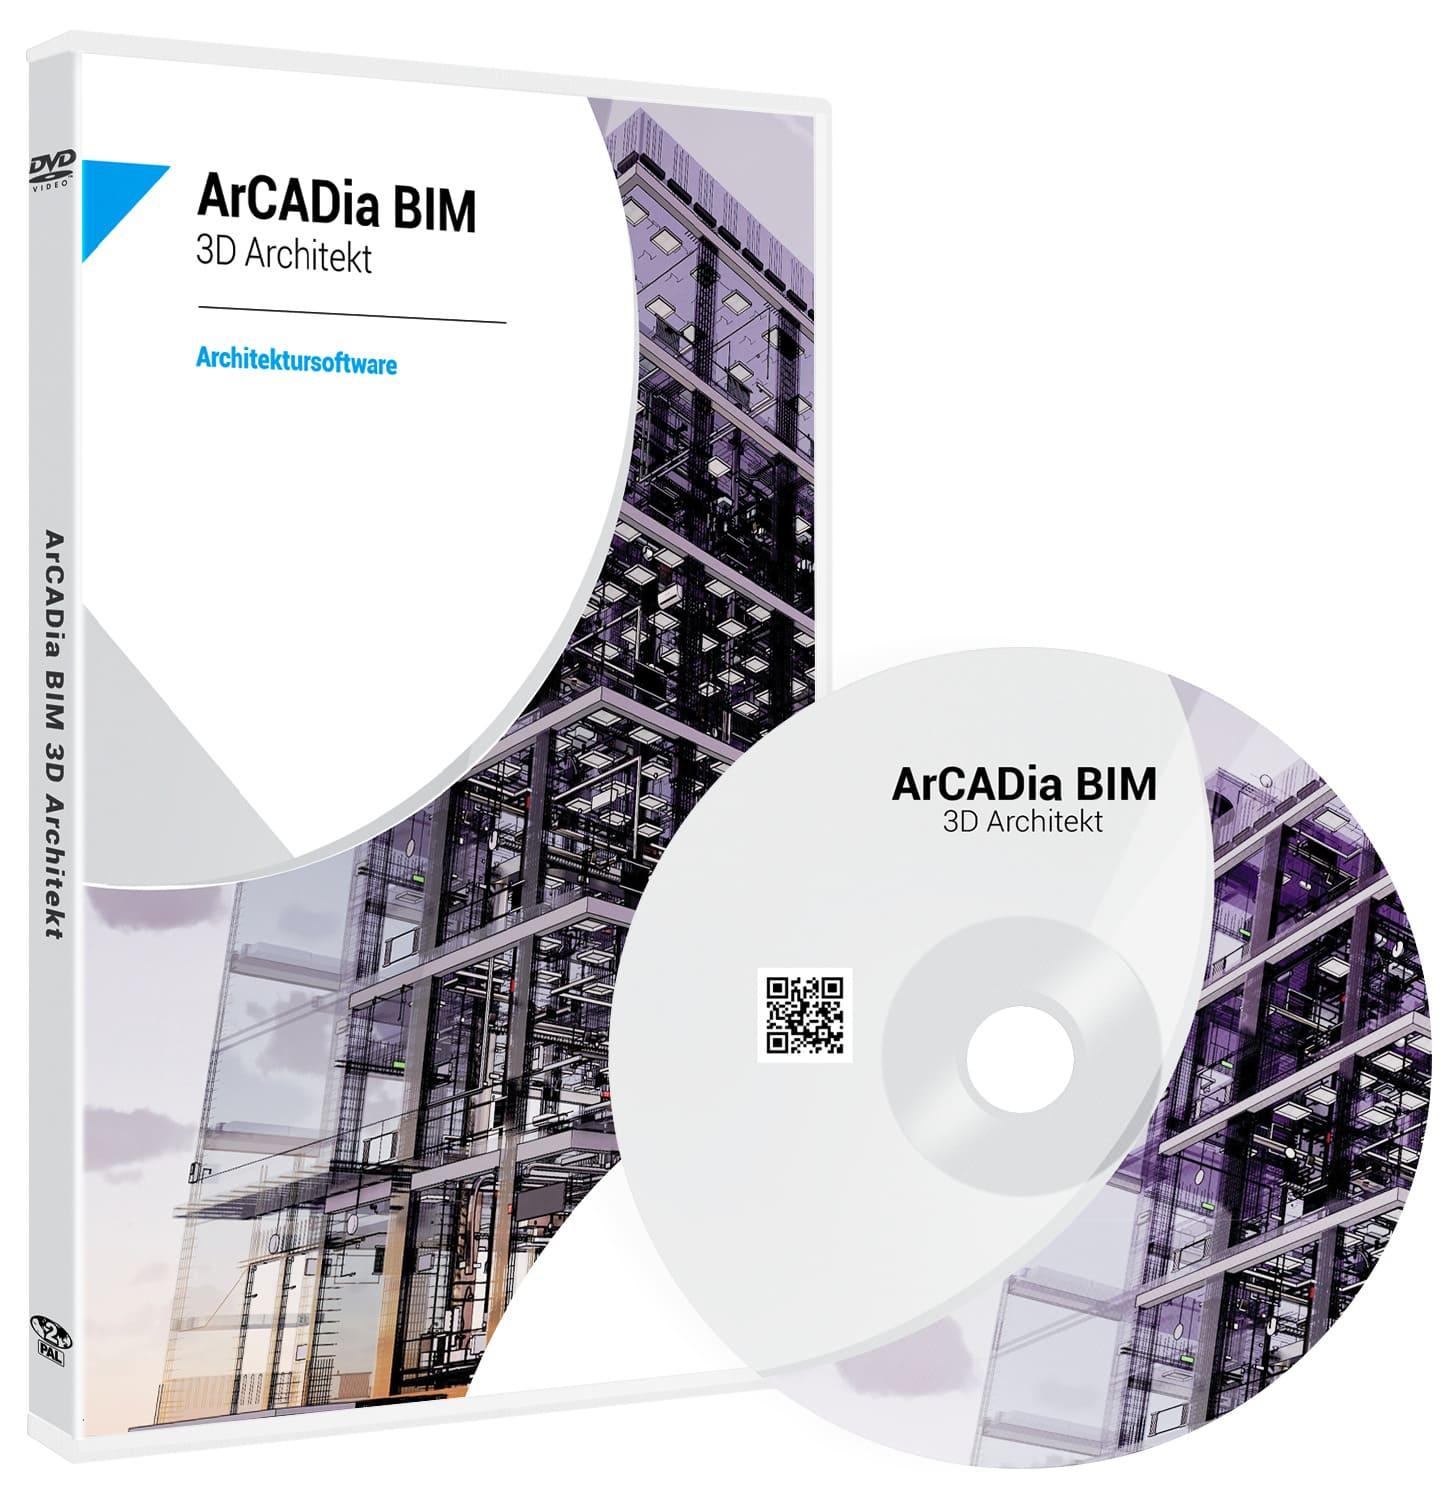 ArCADia BIM 3D Architekt Architektursoftware